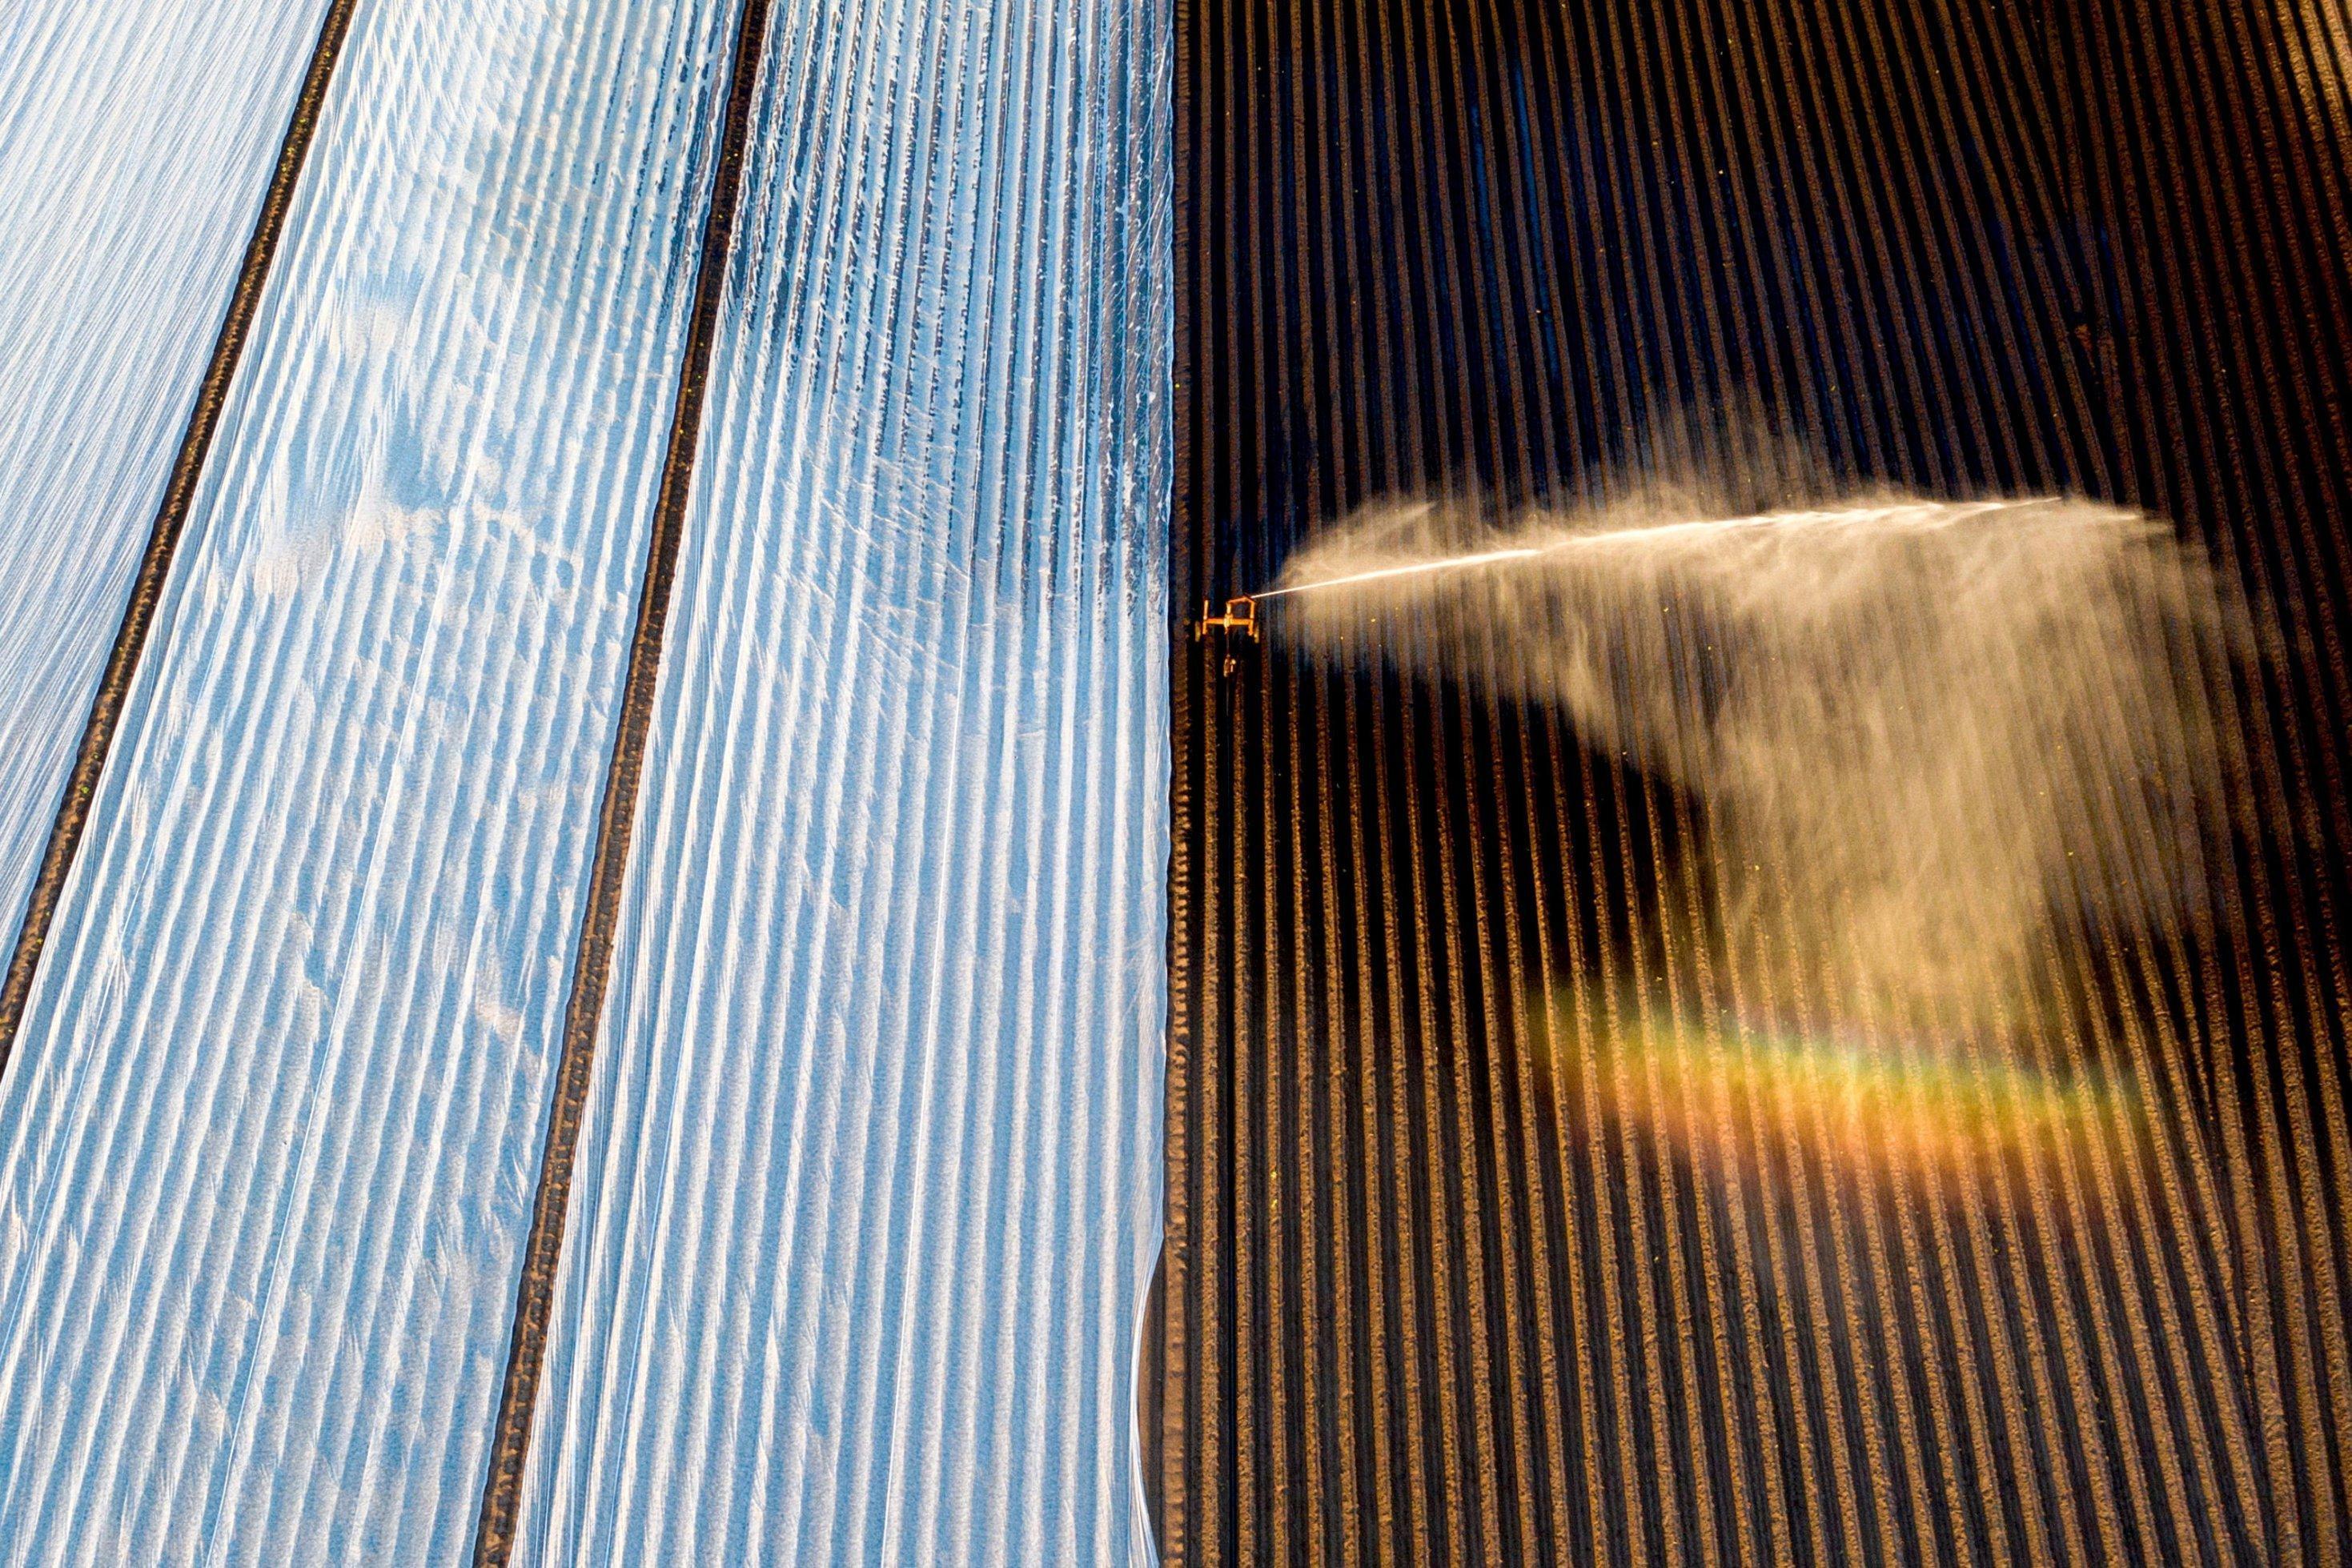 Eine Beregnungsanlage schießt im hohen Bogen einen Wasserstrahl auf einen Acker. Dabei entsteht ein Regenbogen.